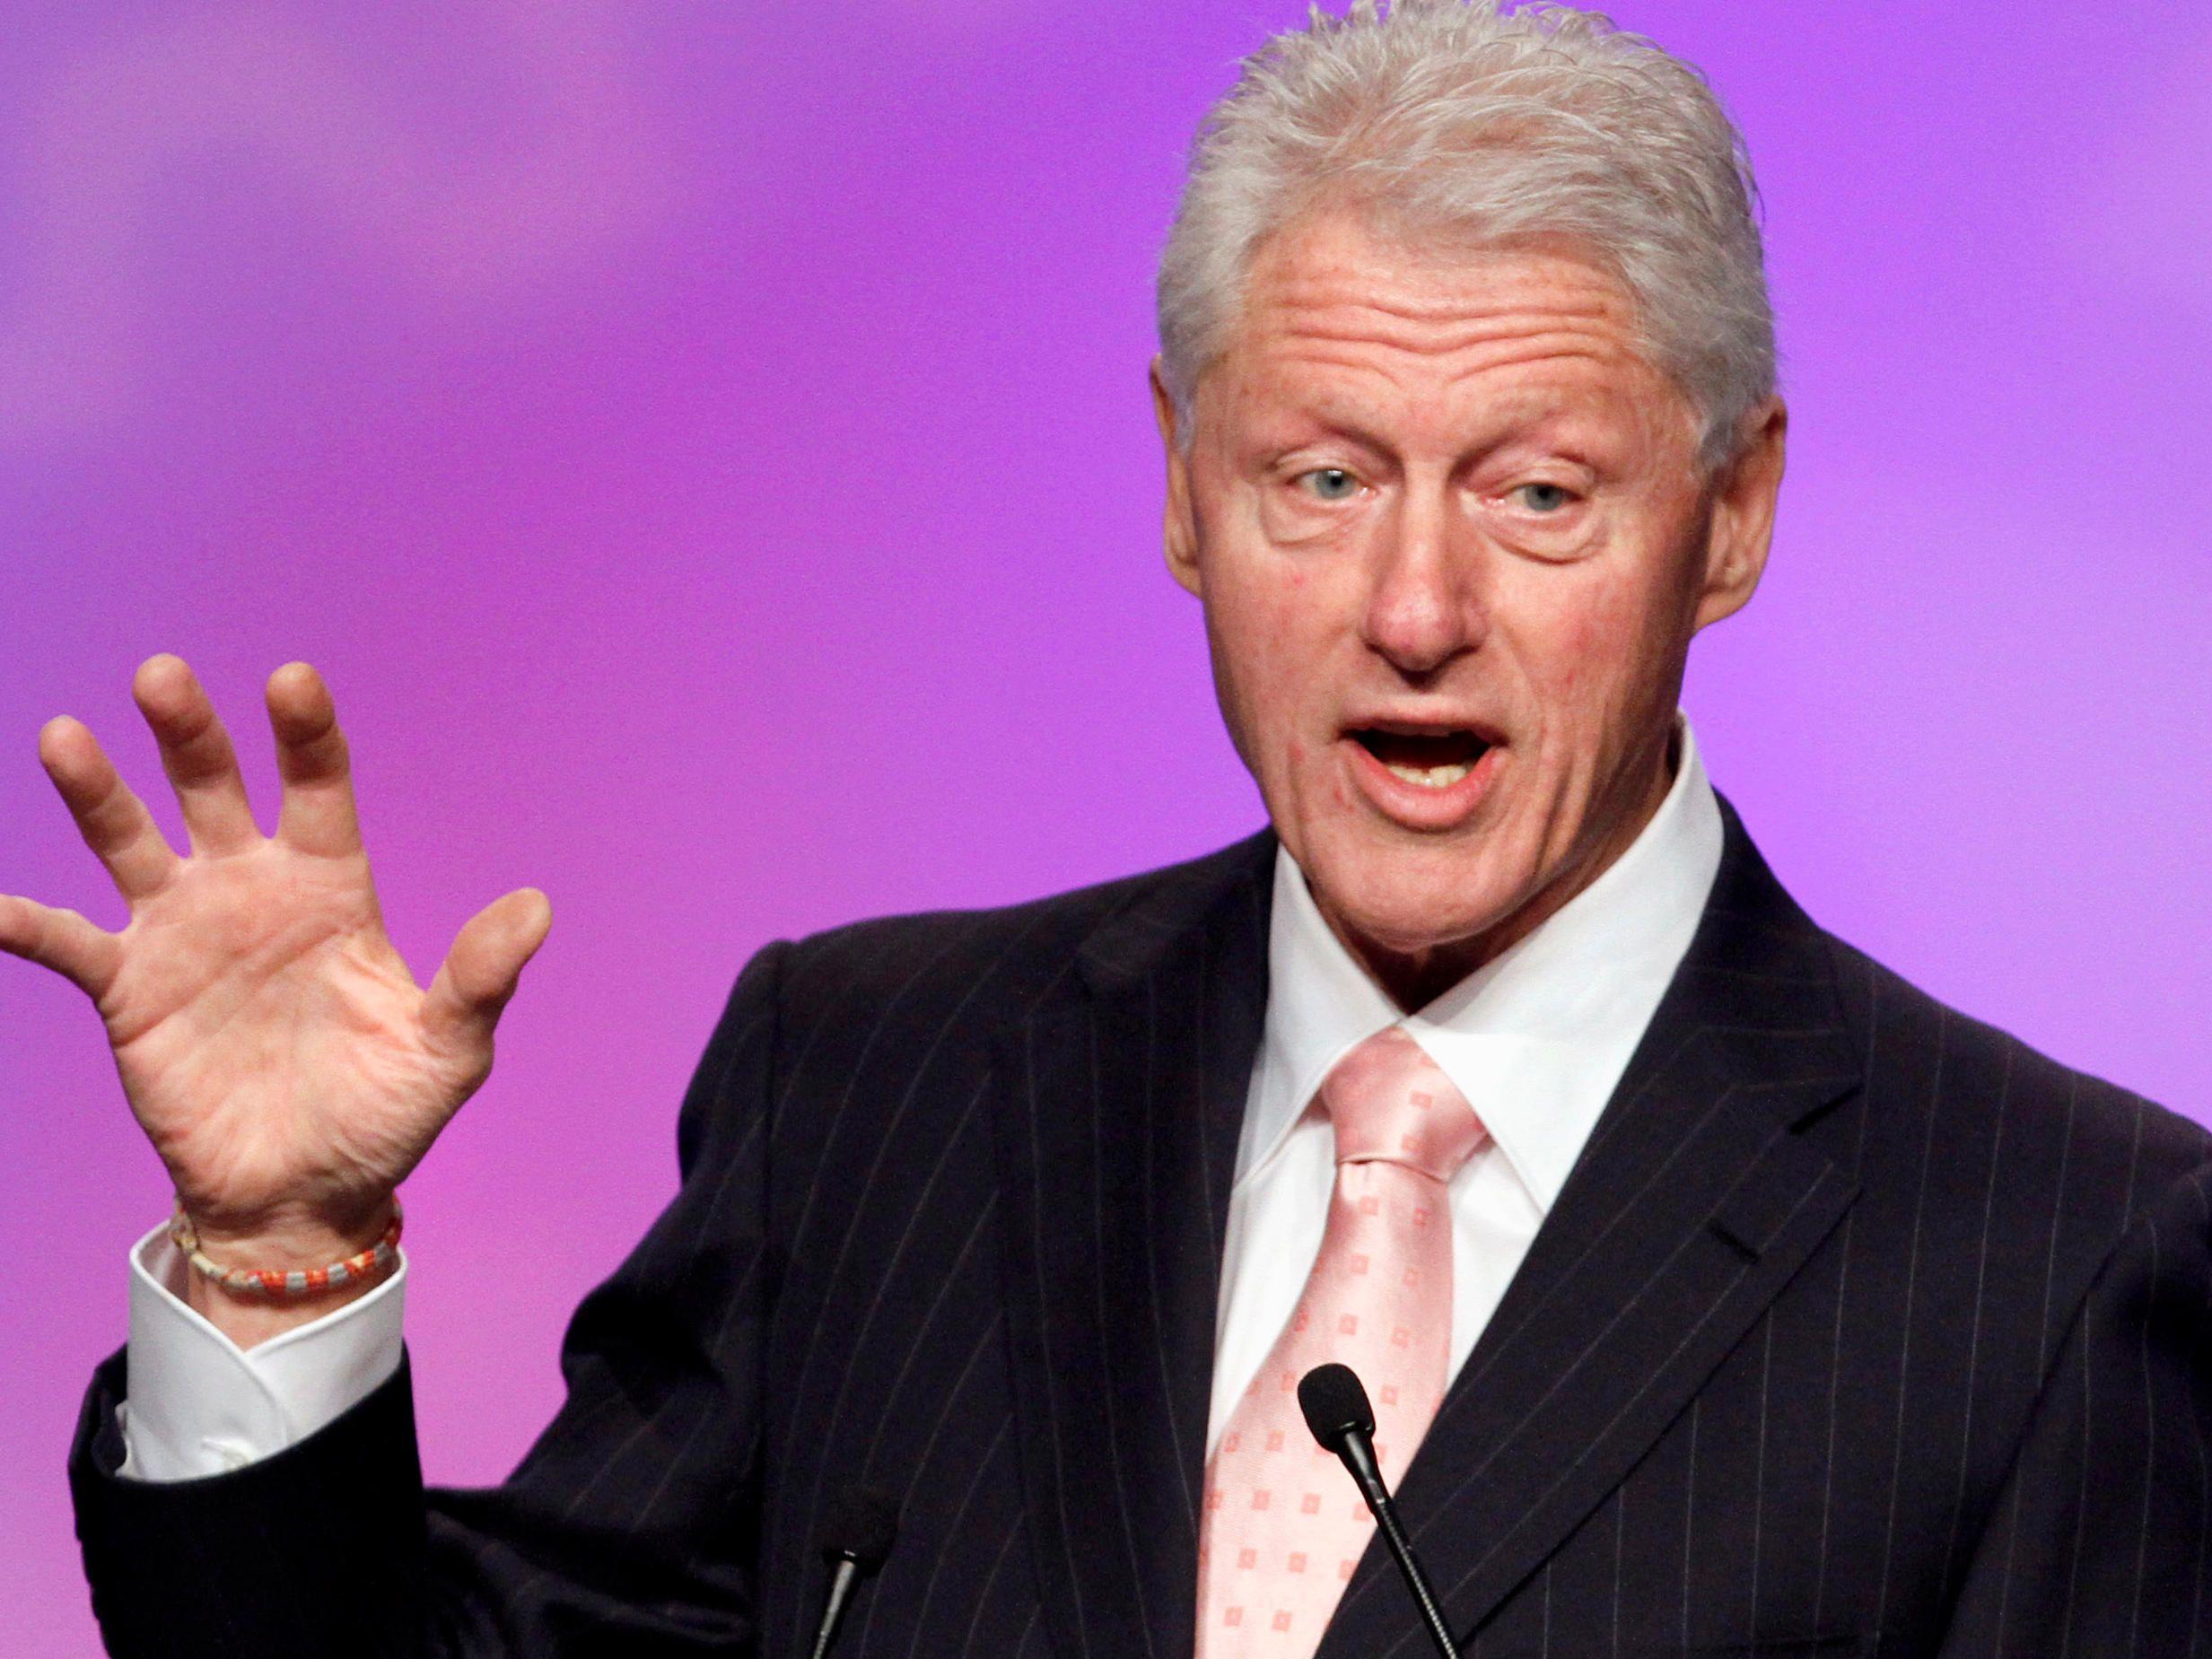 Bill Clinton HD Images